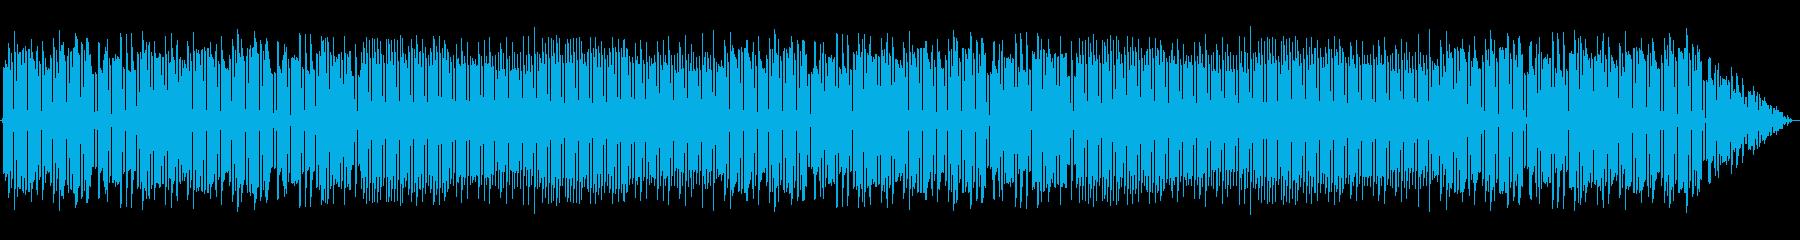 ファミコン風な明るめのループBGMの再生済みの波形